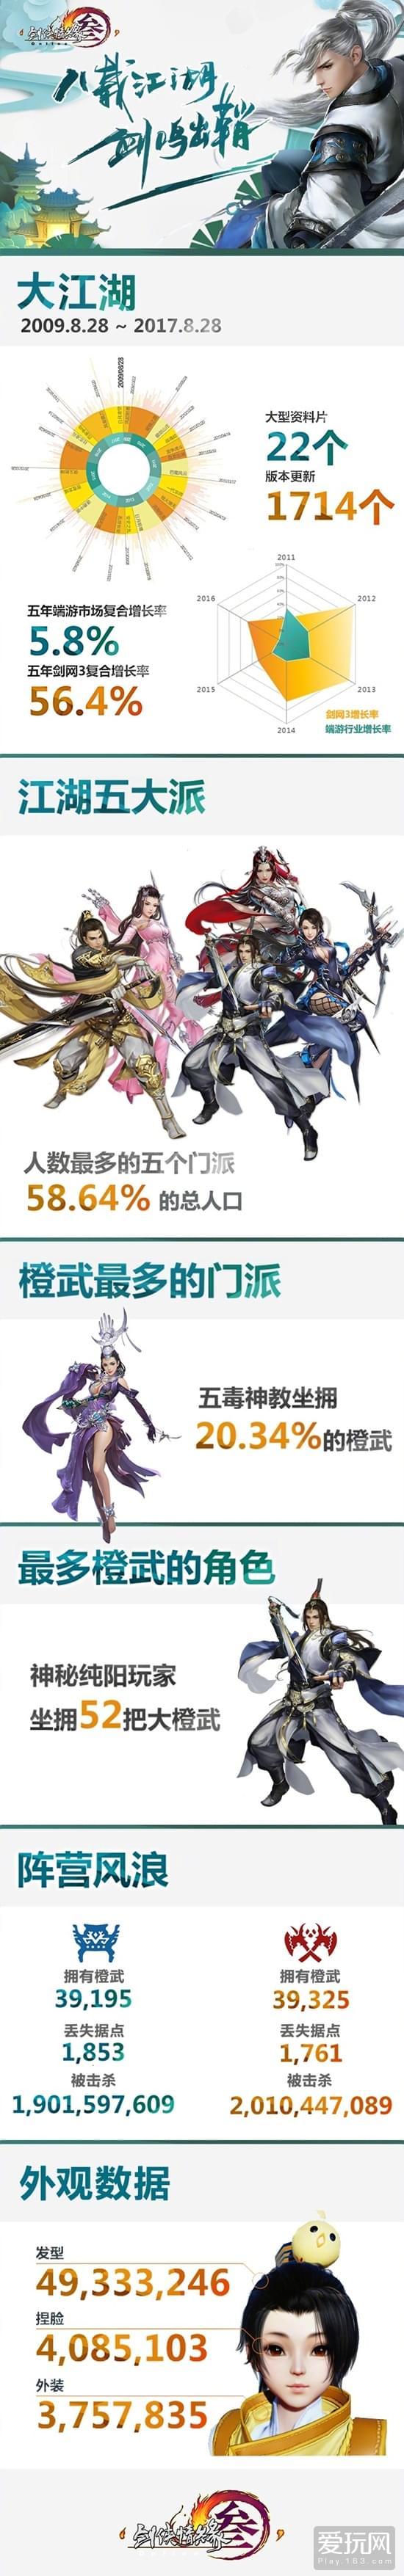 《剑网3》重置版九月开测 客户端大小至少70G